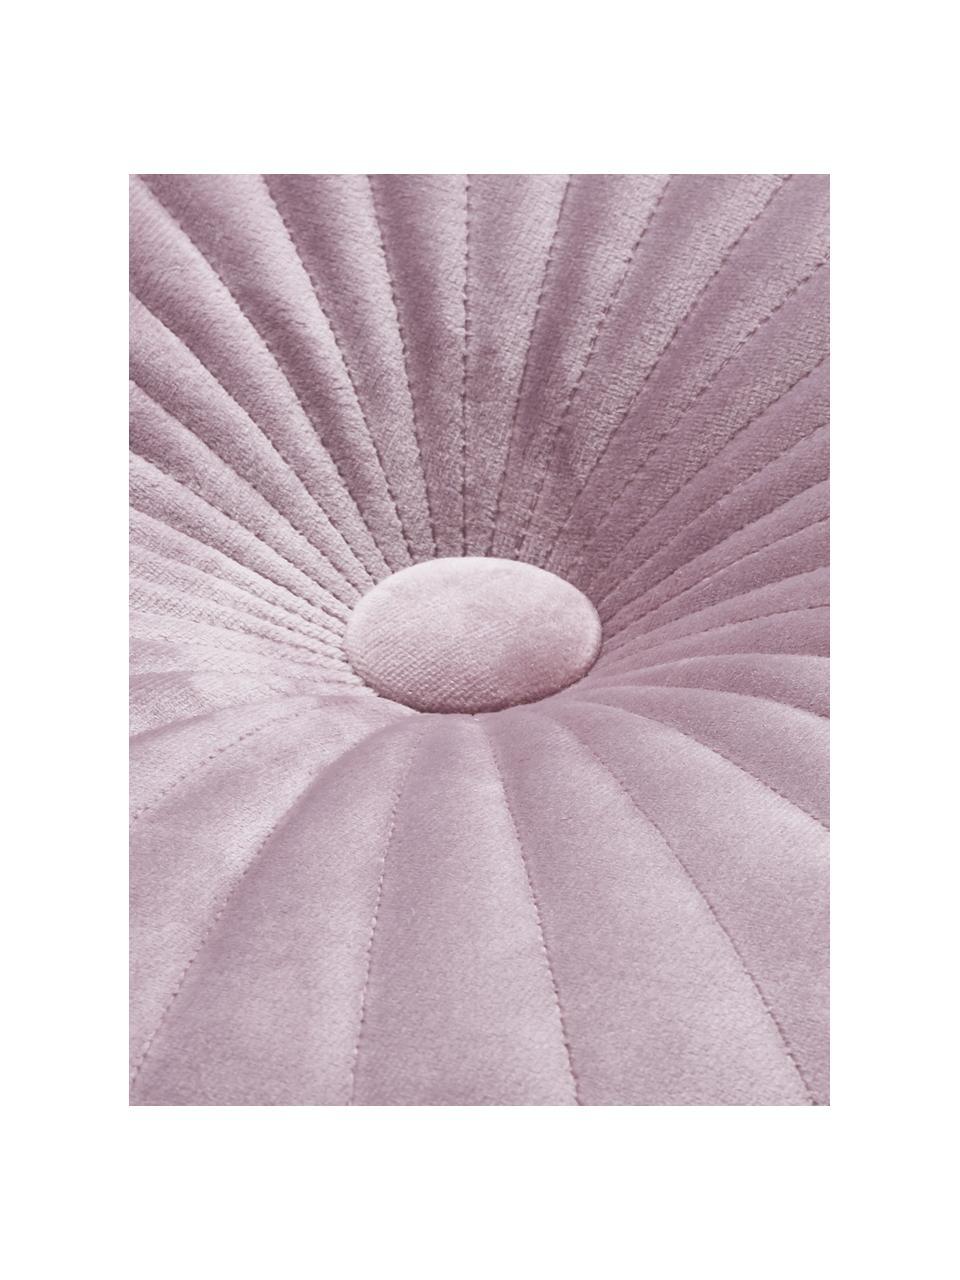 Rundes glänzendes Samt-Kissen Monet in Altrosa, mit Inlett, Bezug: 100% Polyestersamt, Altrosa, Ø 40 cm